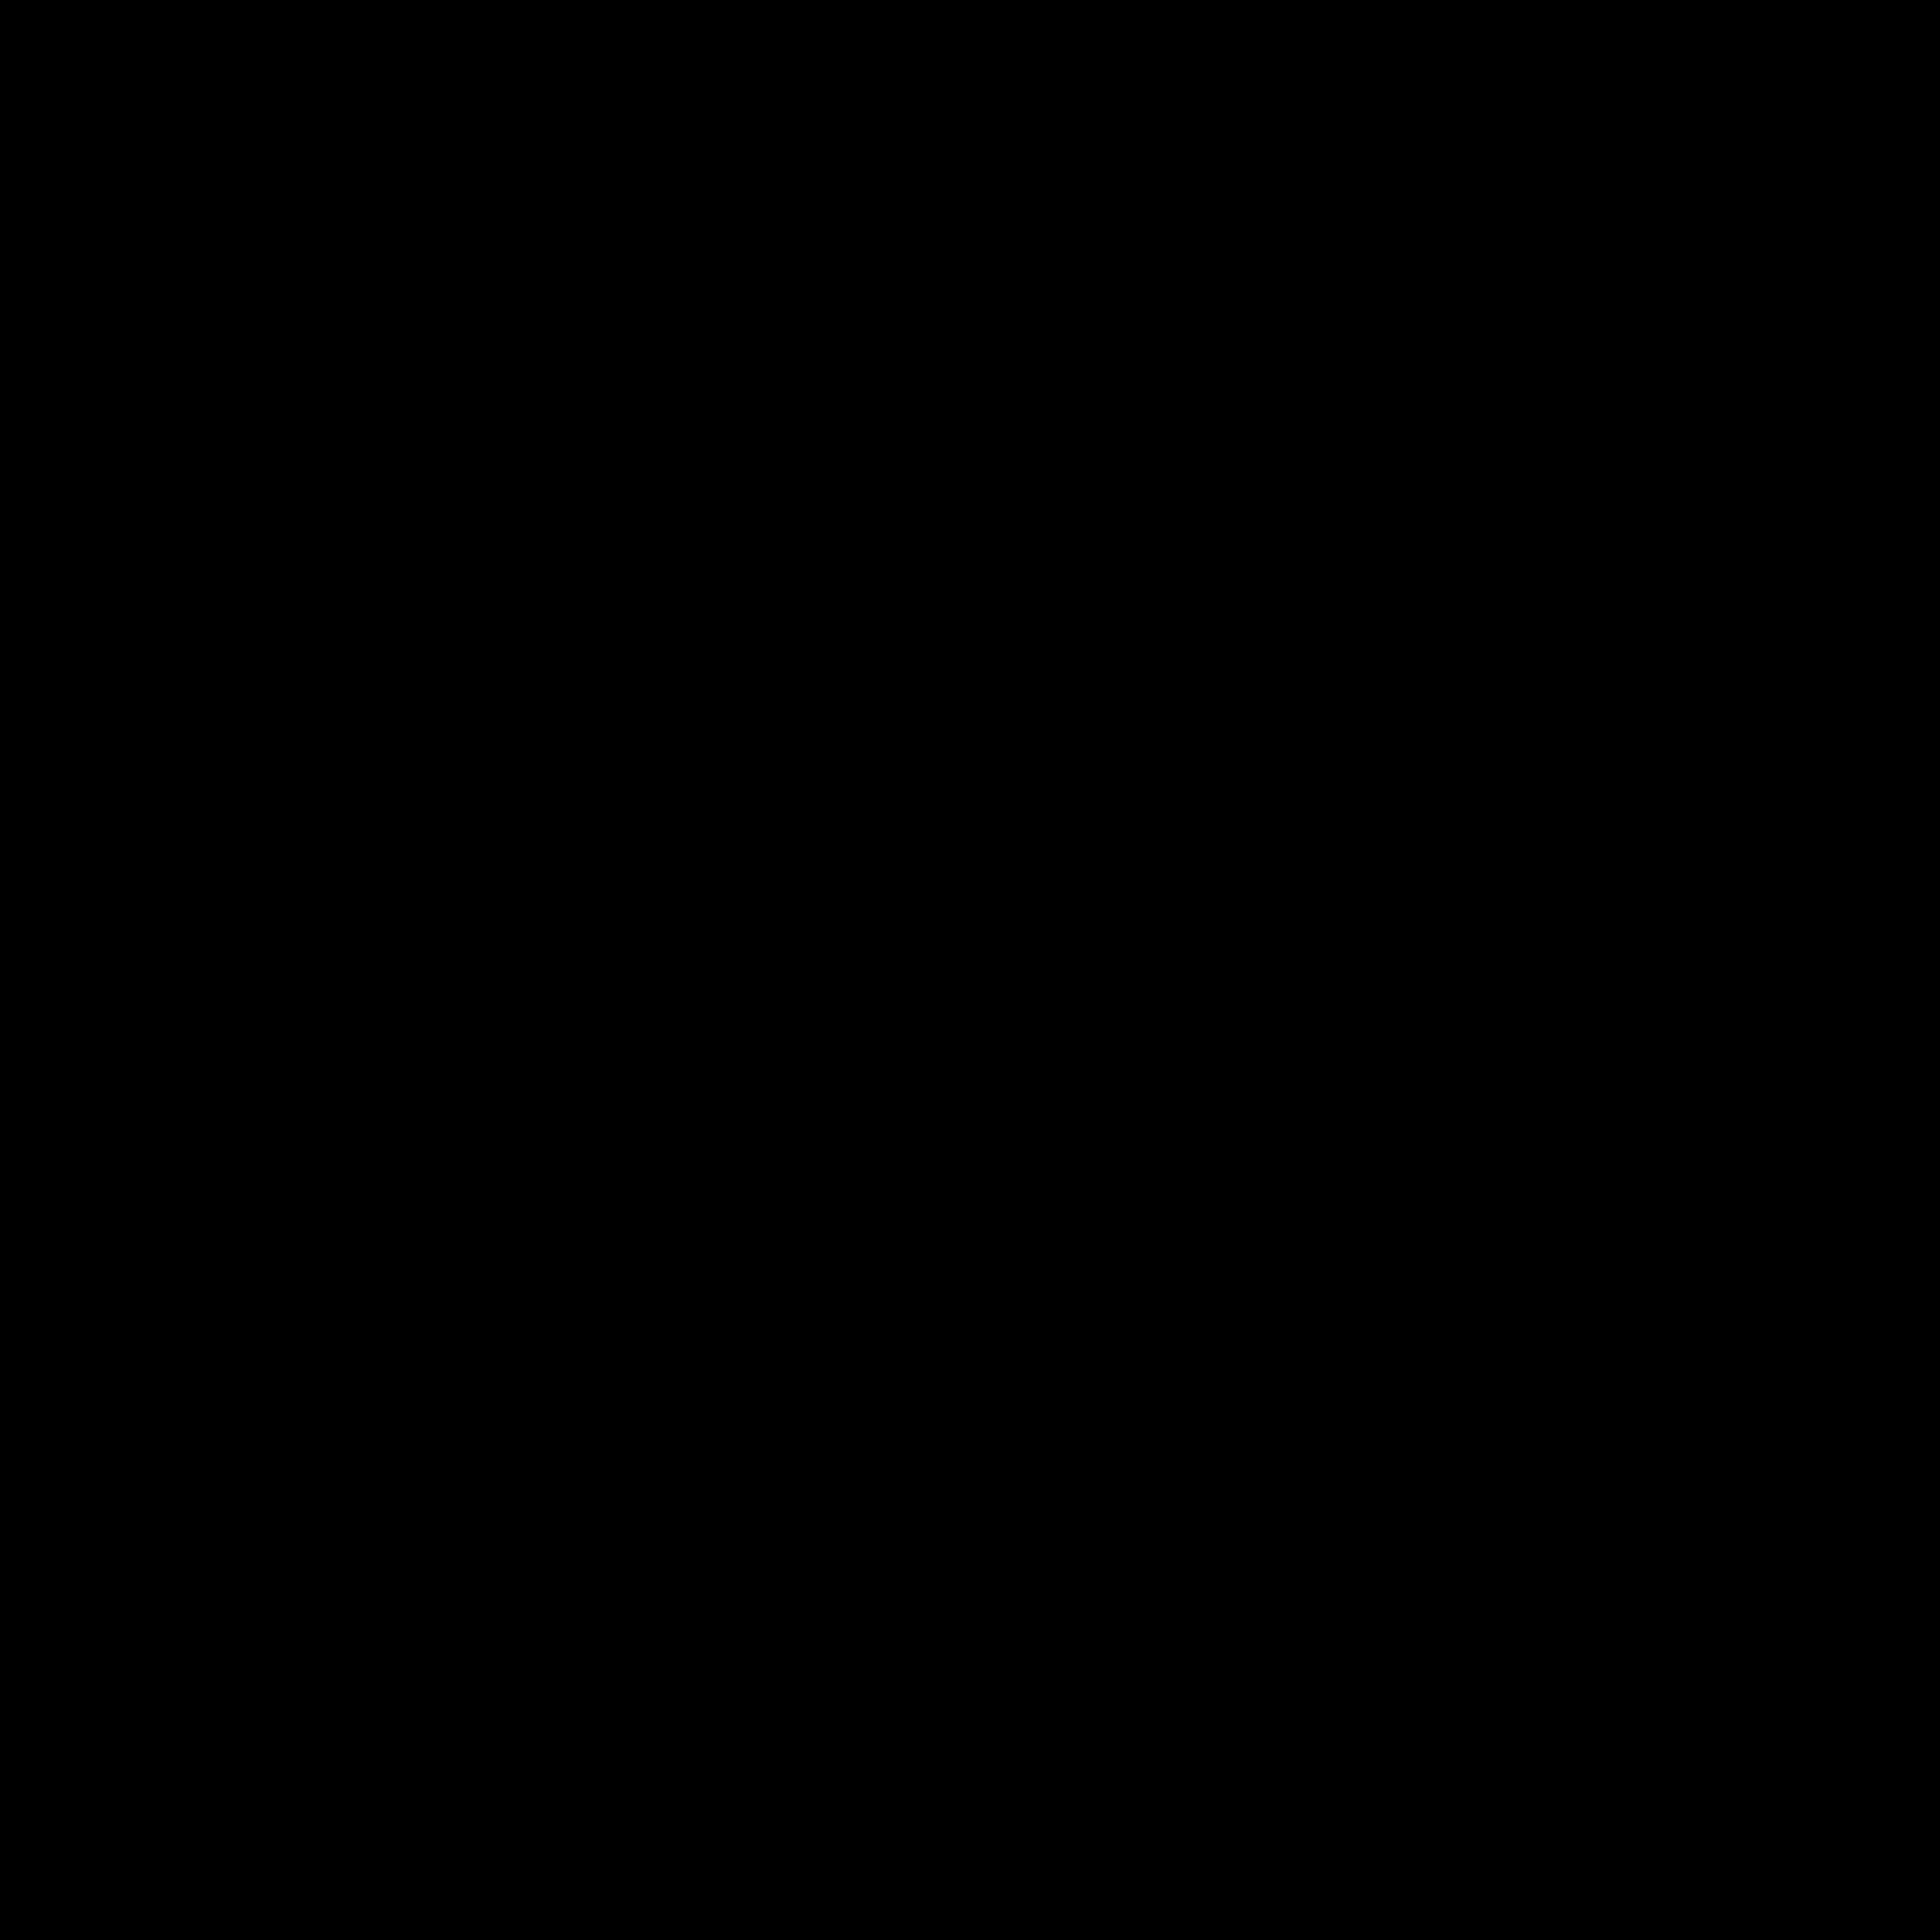 logo-slice-5.png